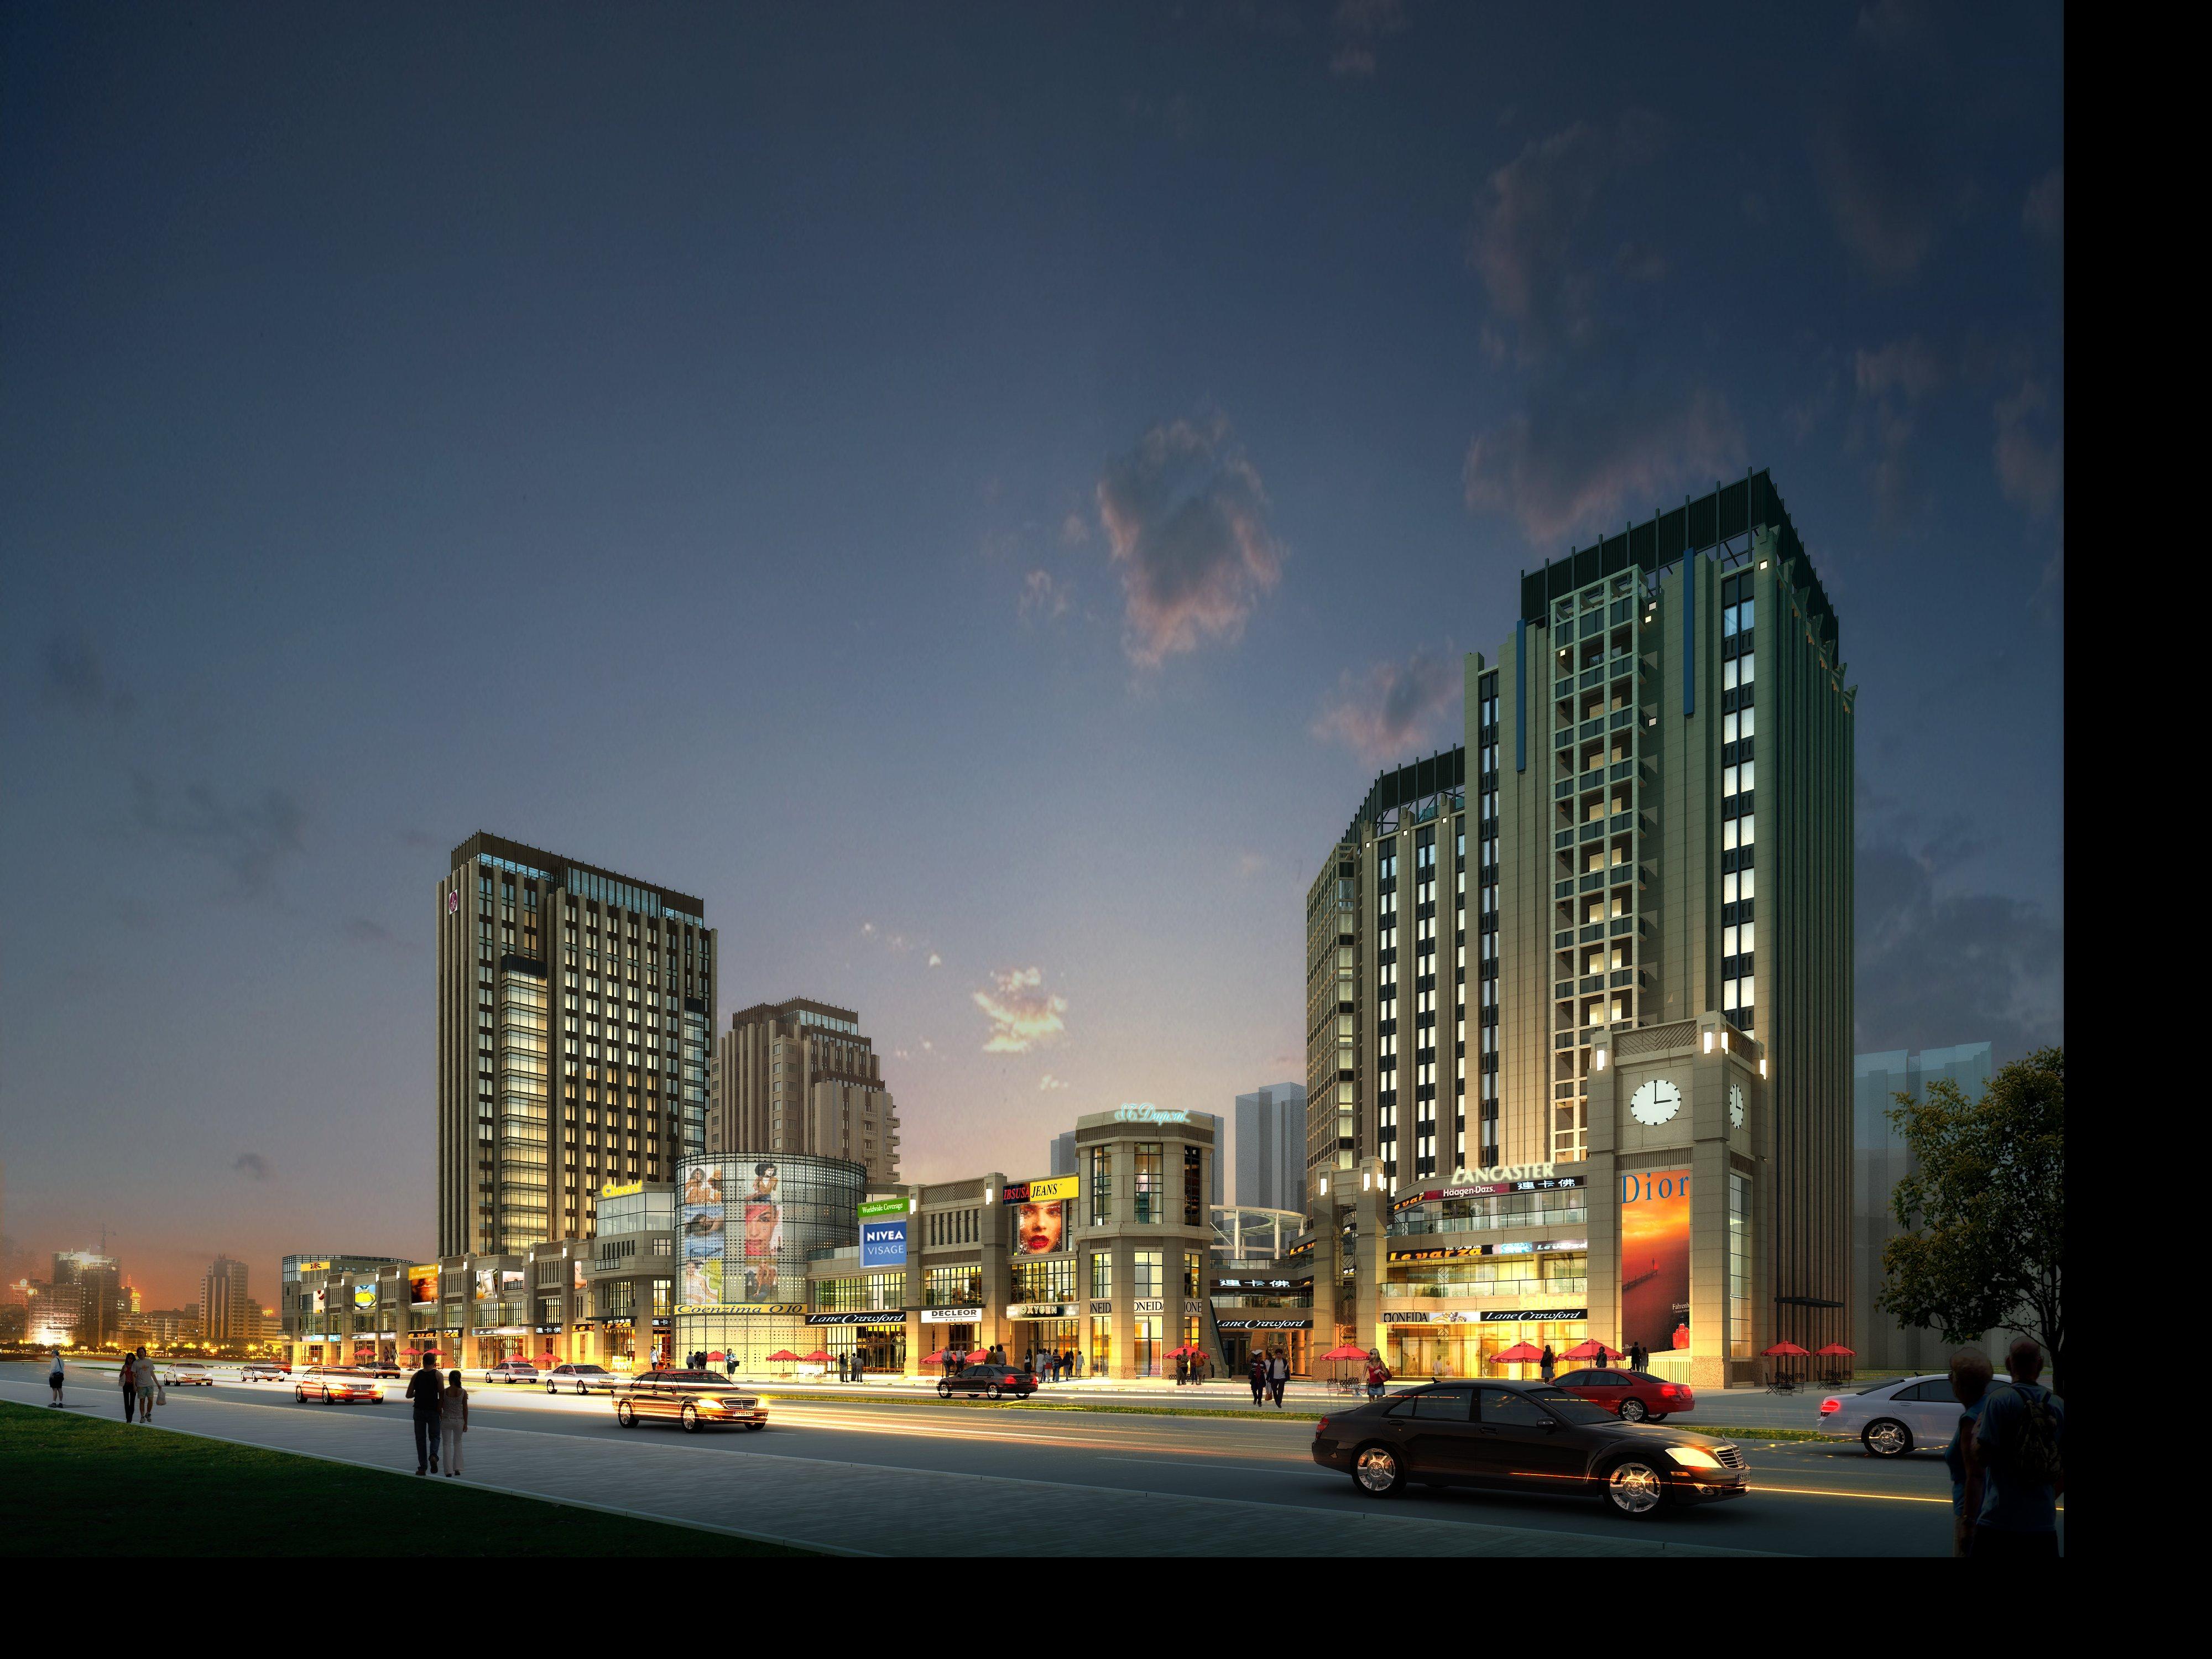 night cityscape 924 3d model max psd 121810